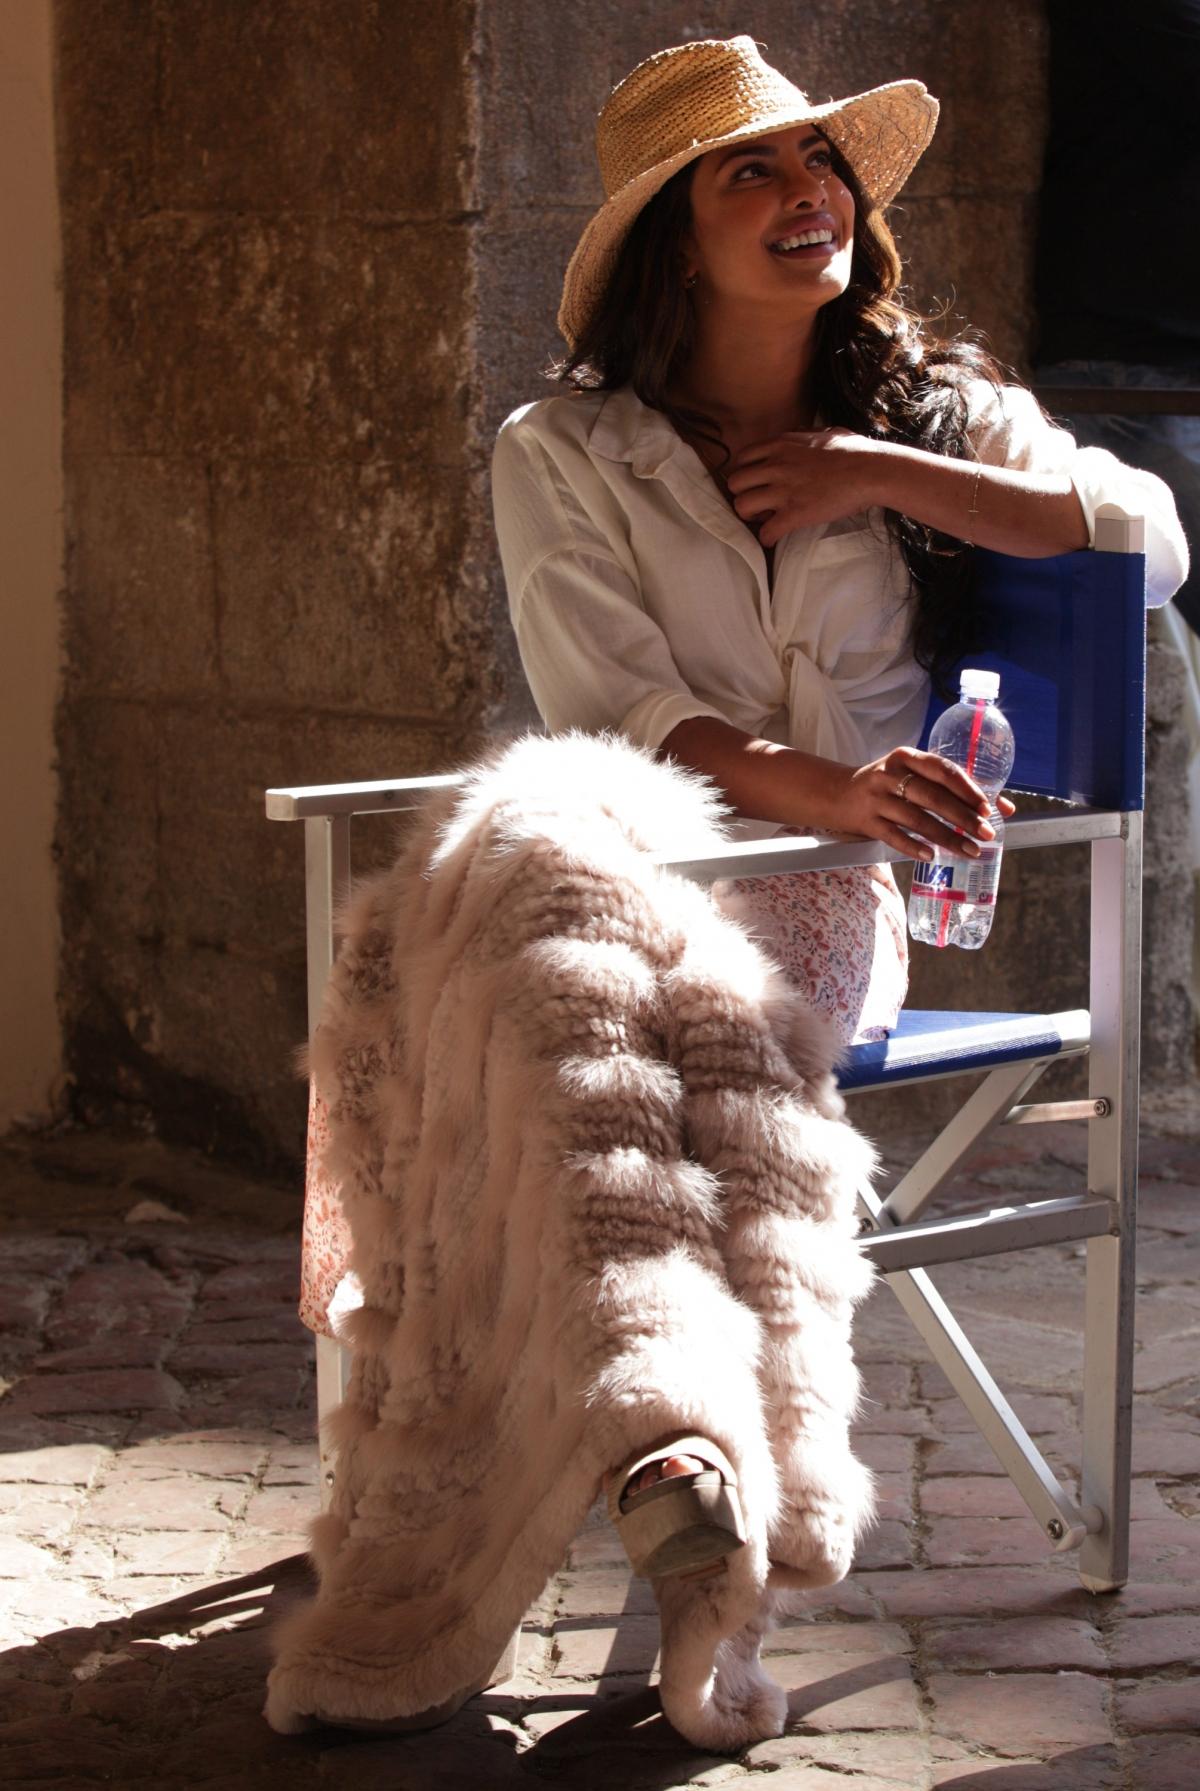 Quantico season 3 episode 1 review: Priyanka Chopra ...